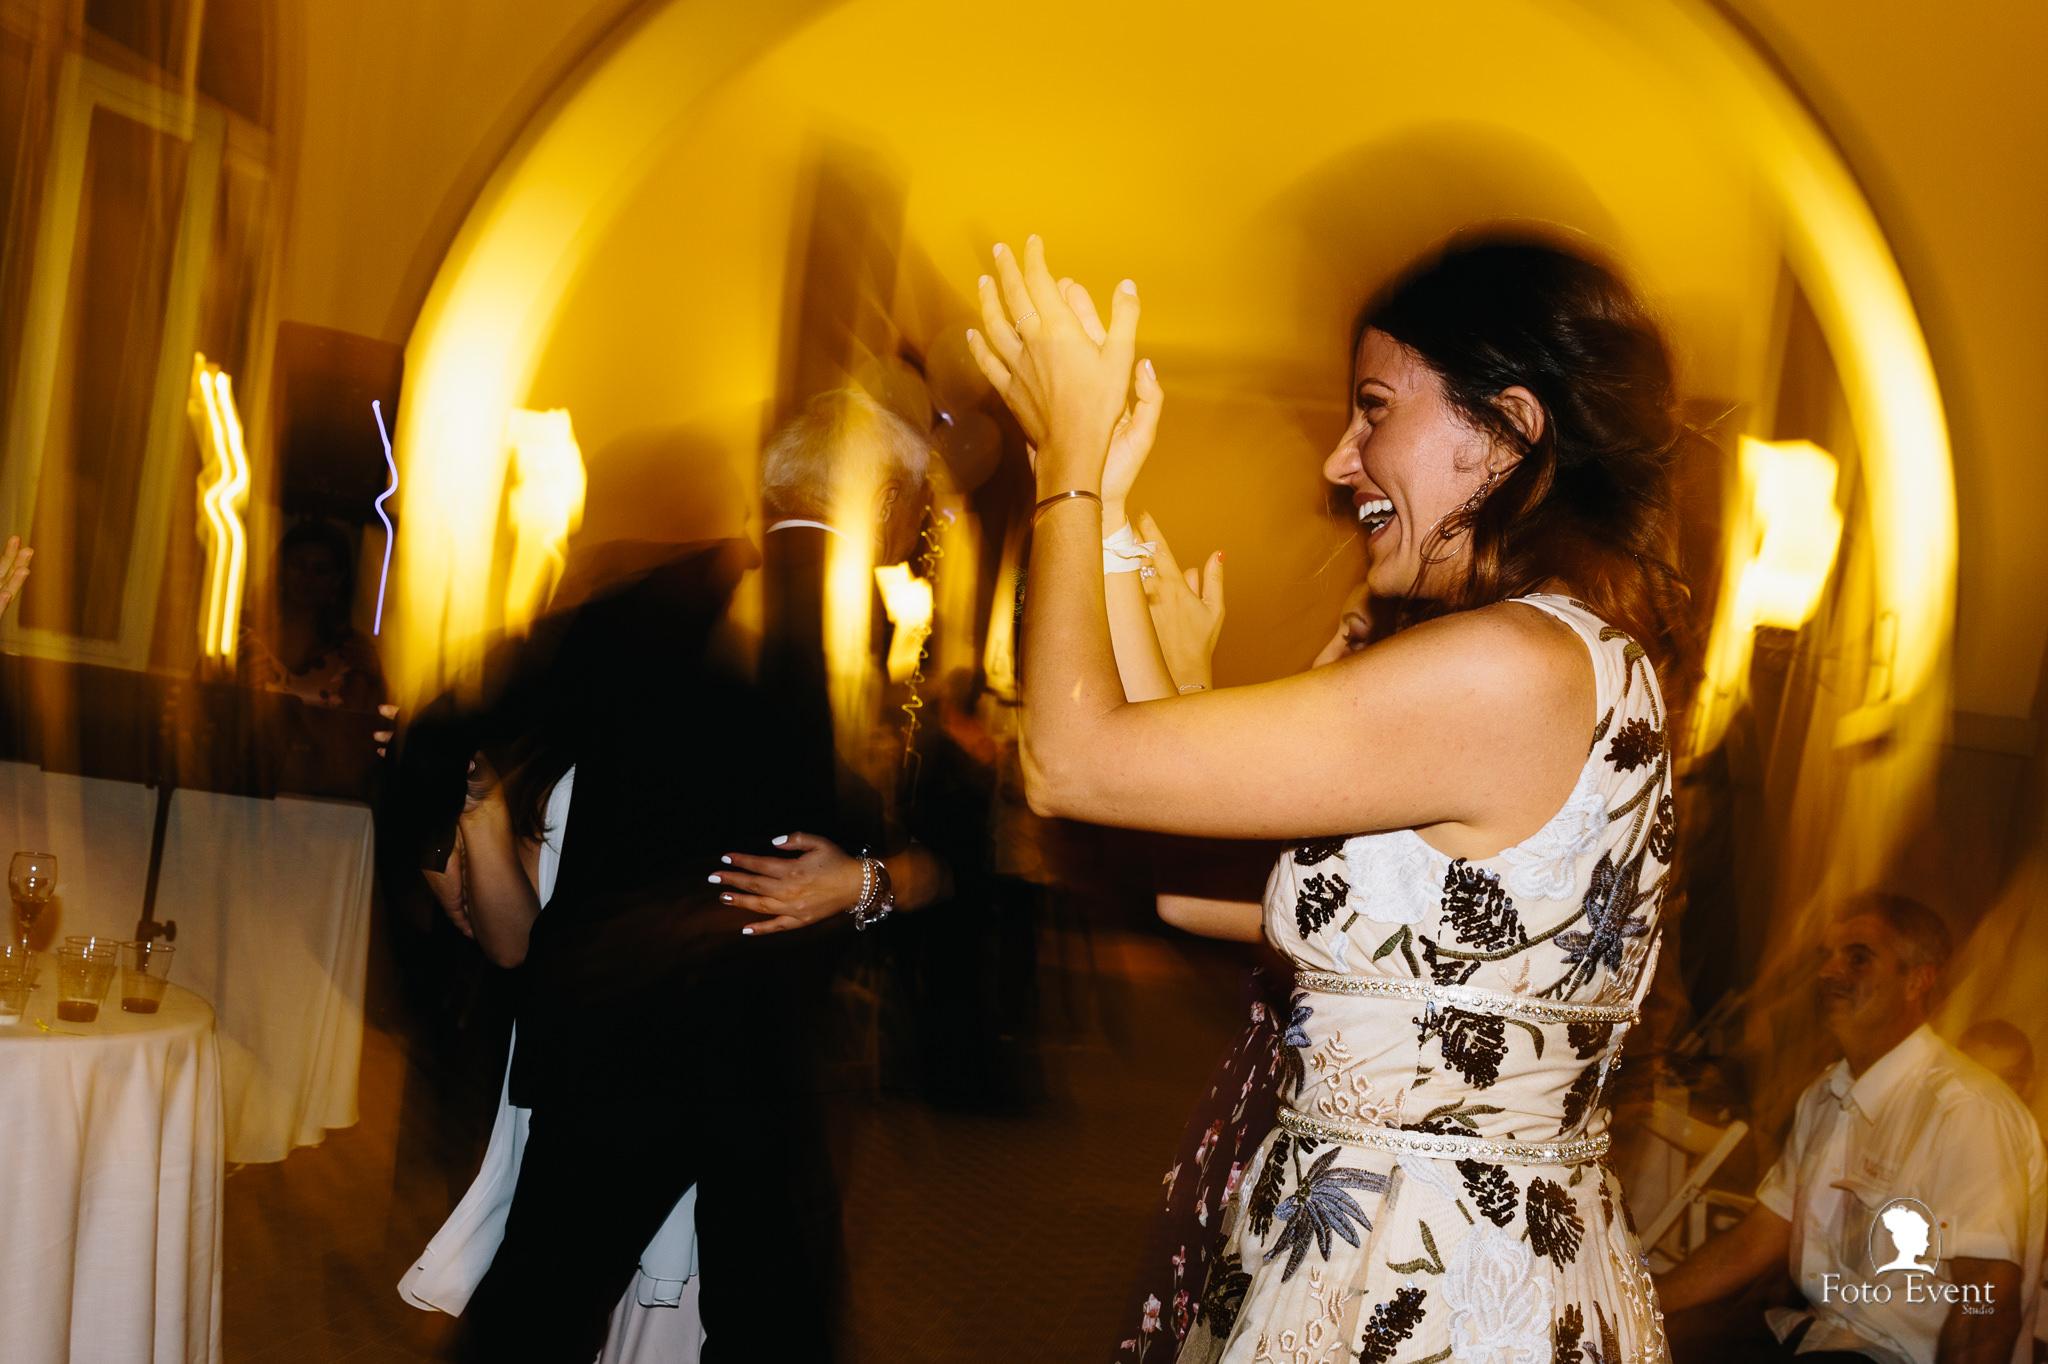 092-2019-07-27-Matrimonio-Valentina-e-Alessandro-Pettinari-5DE-1892